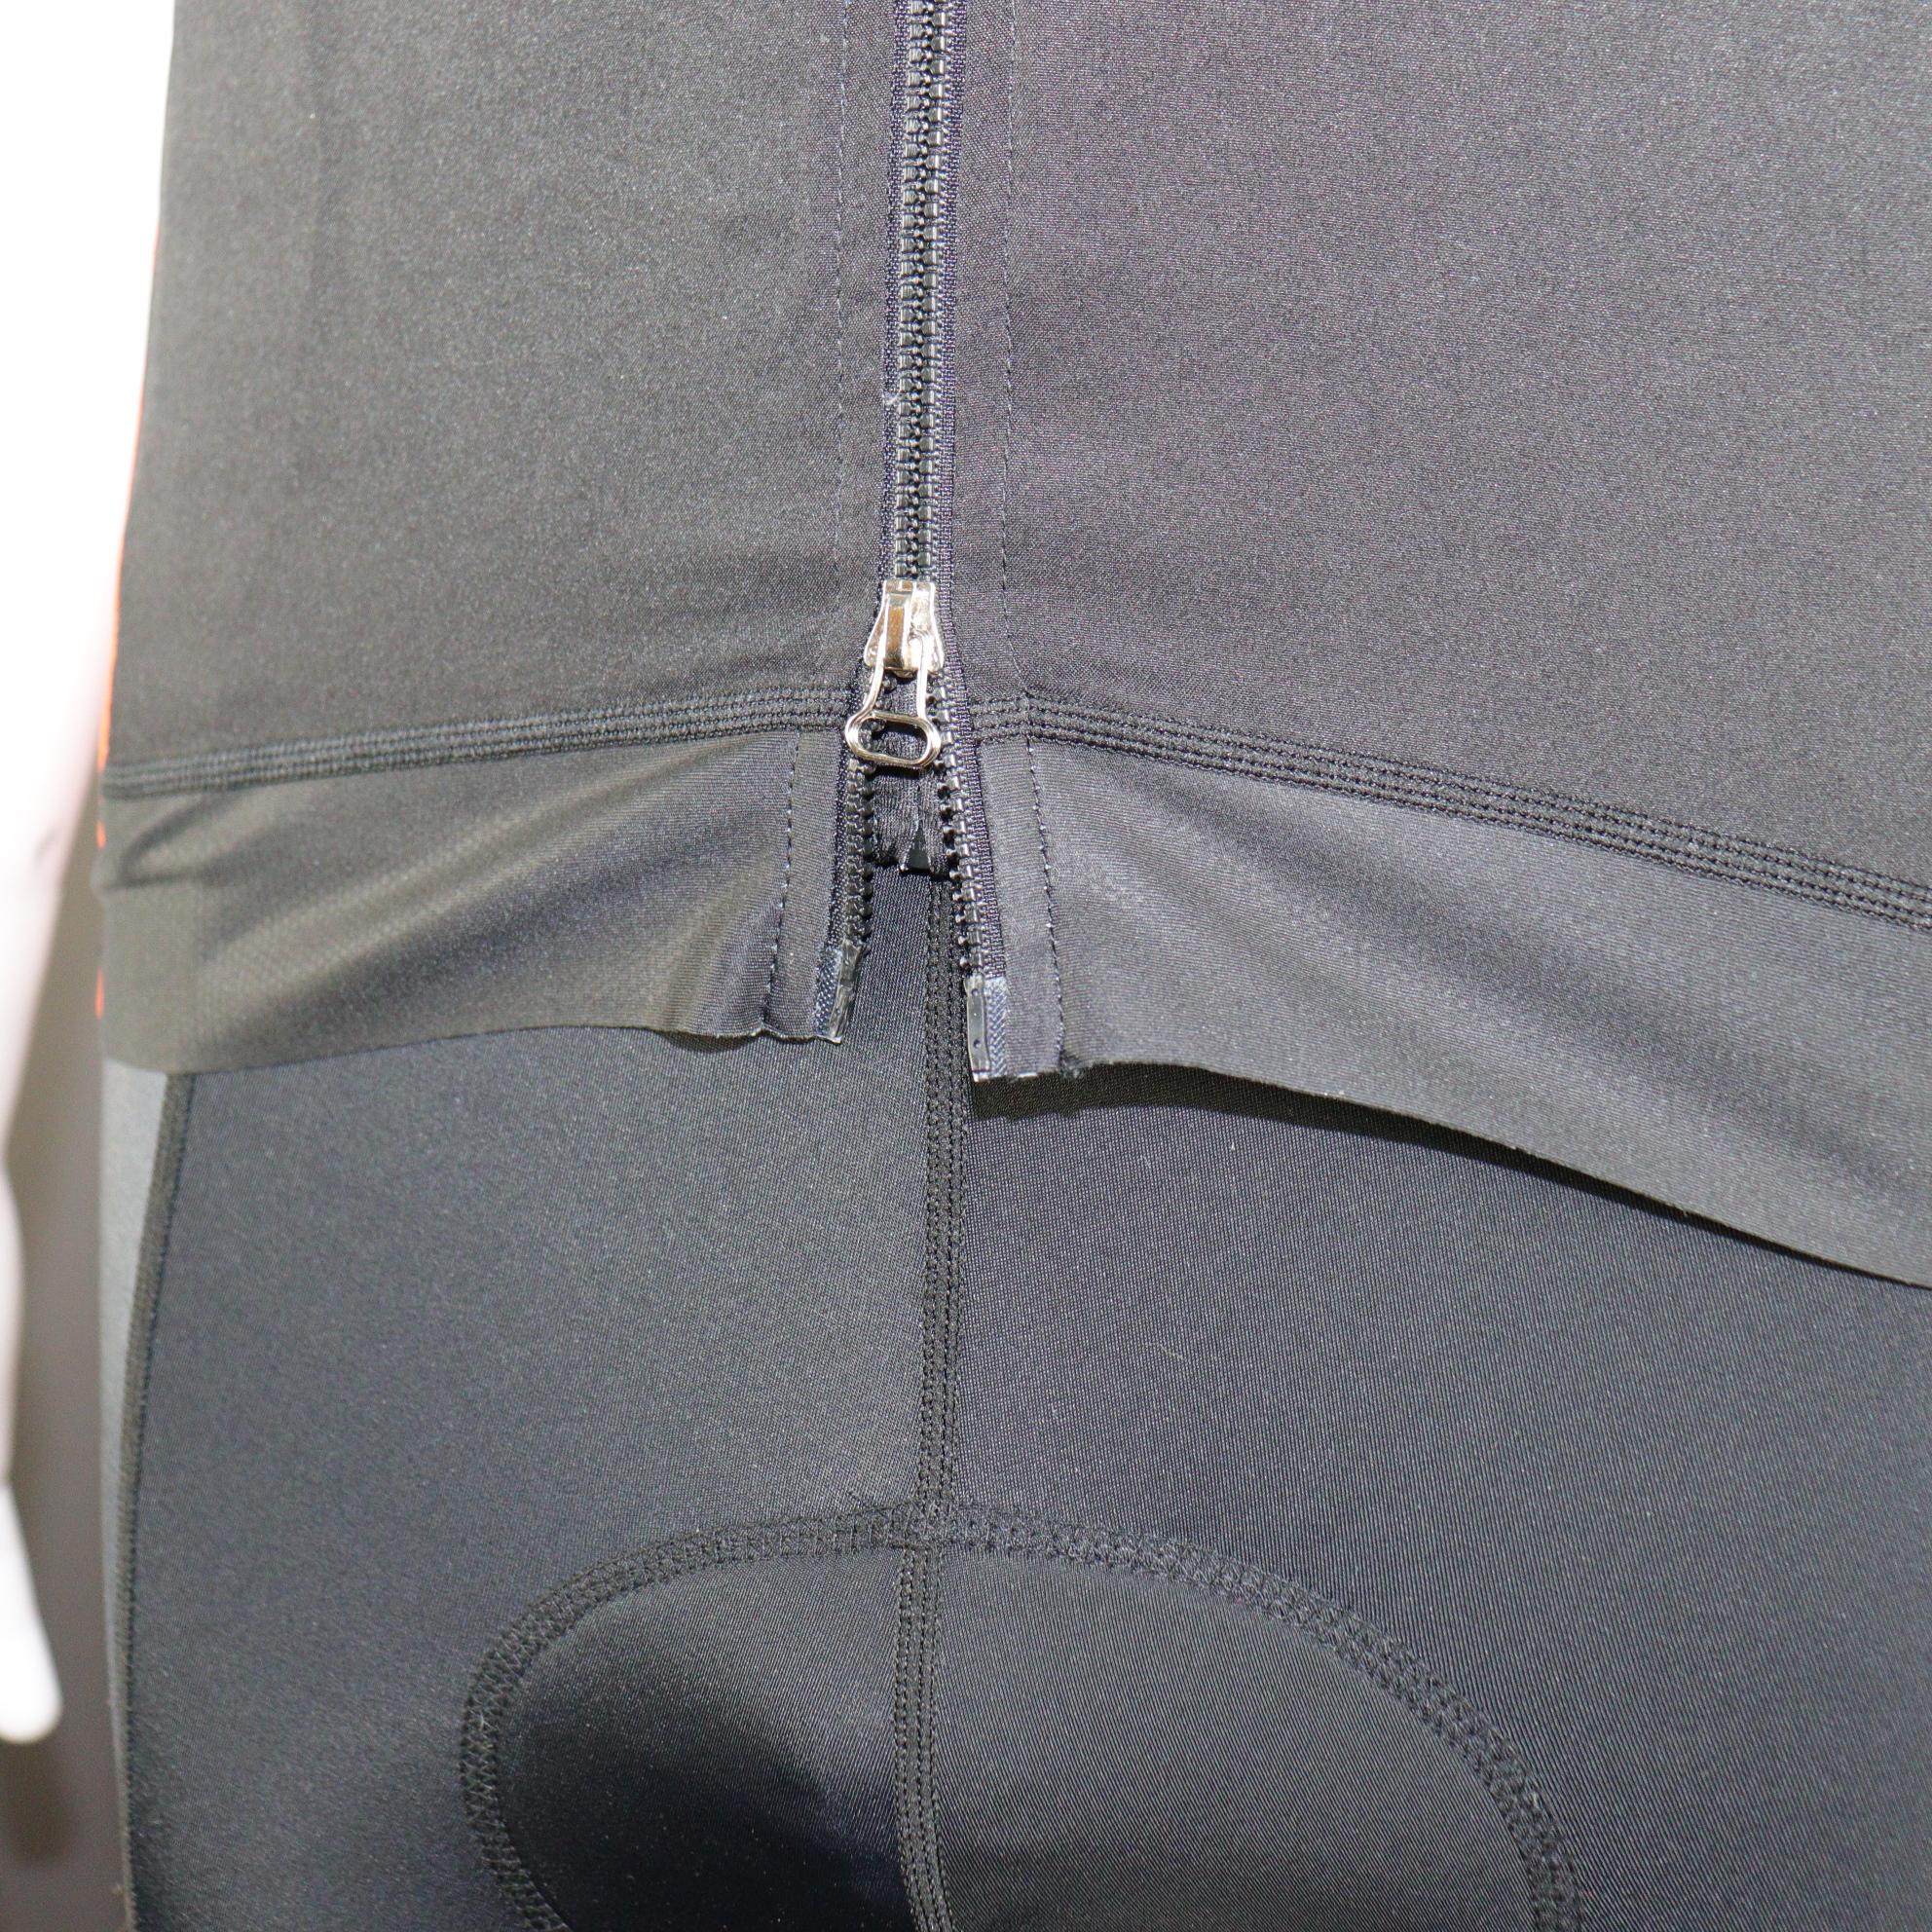 Pro Cycle Gilets Twin Opening Double Zip